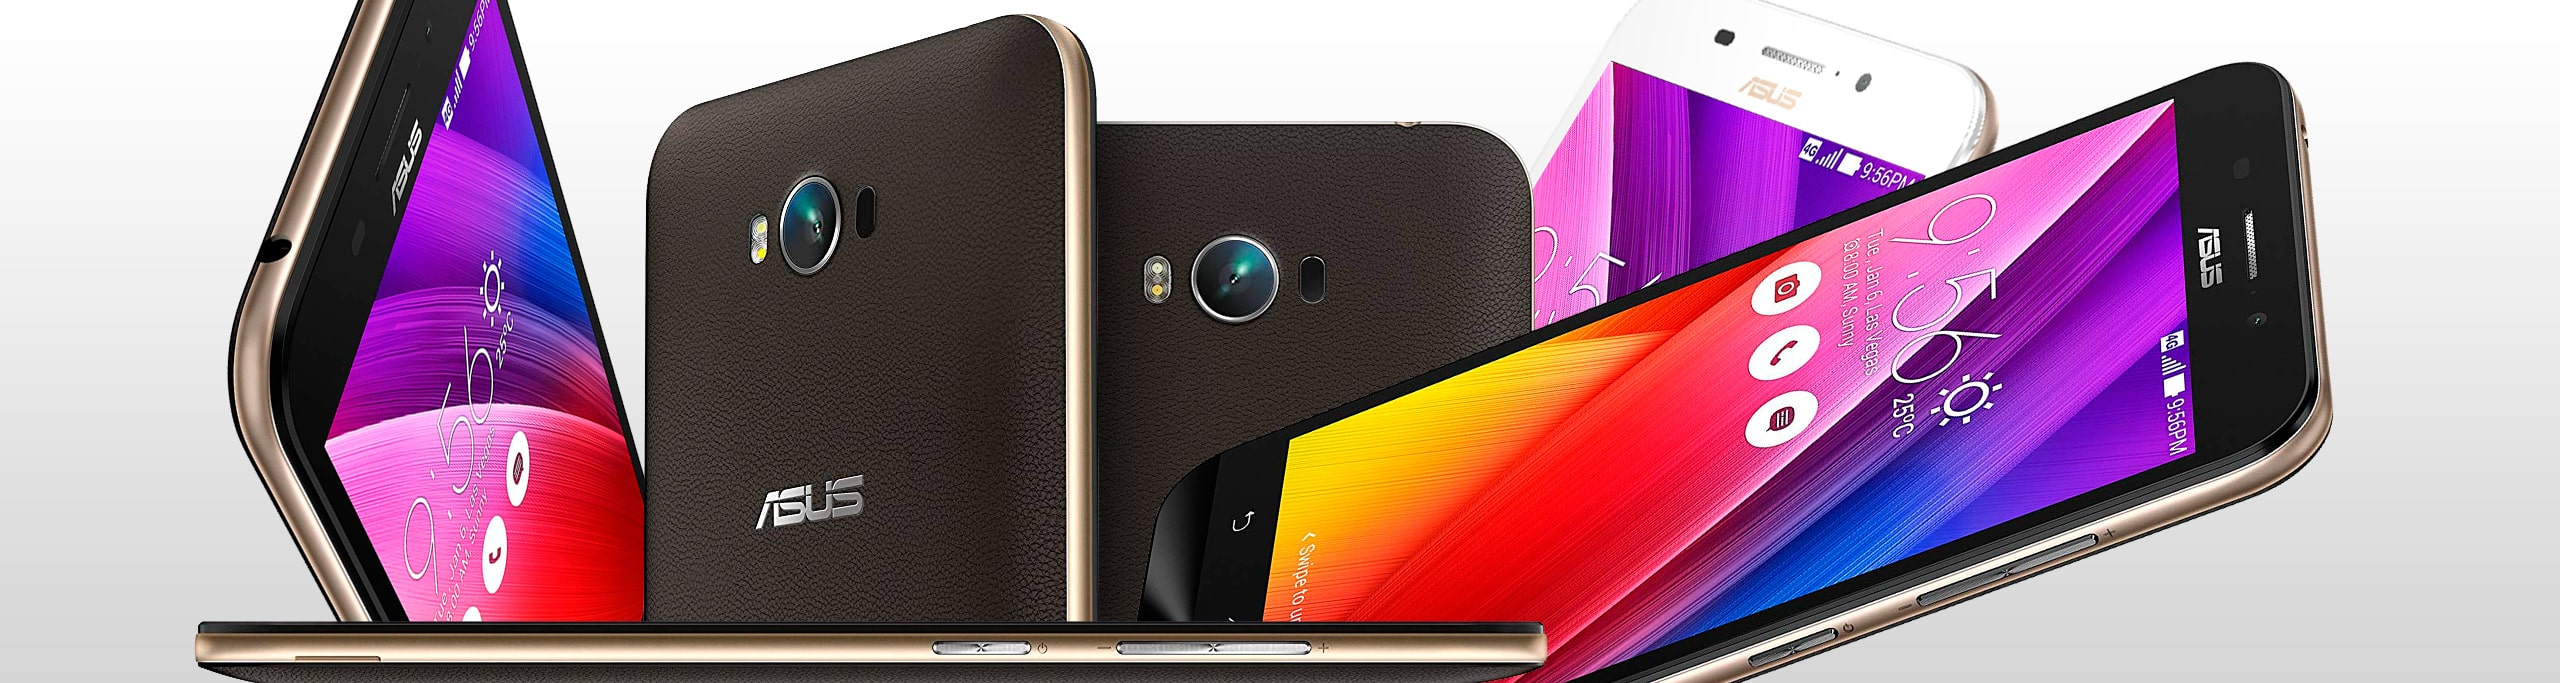 ZenFone Max (ZC550KL) (Z010D)